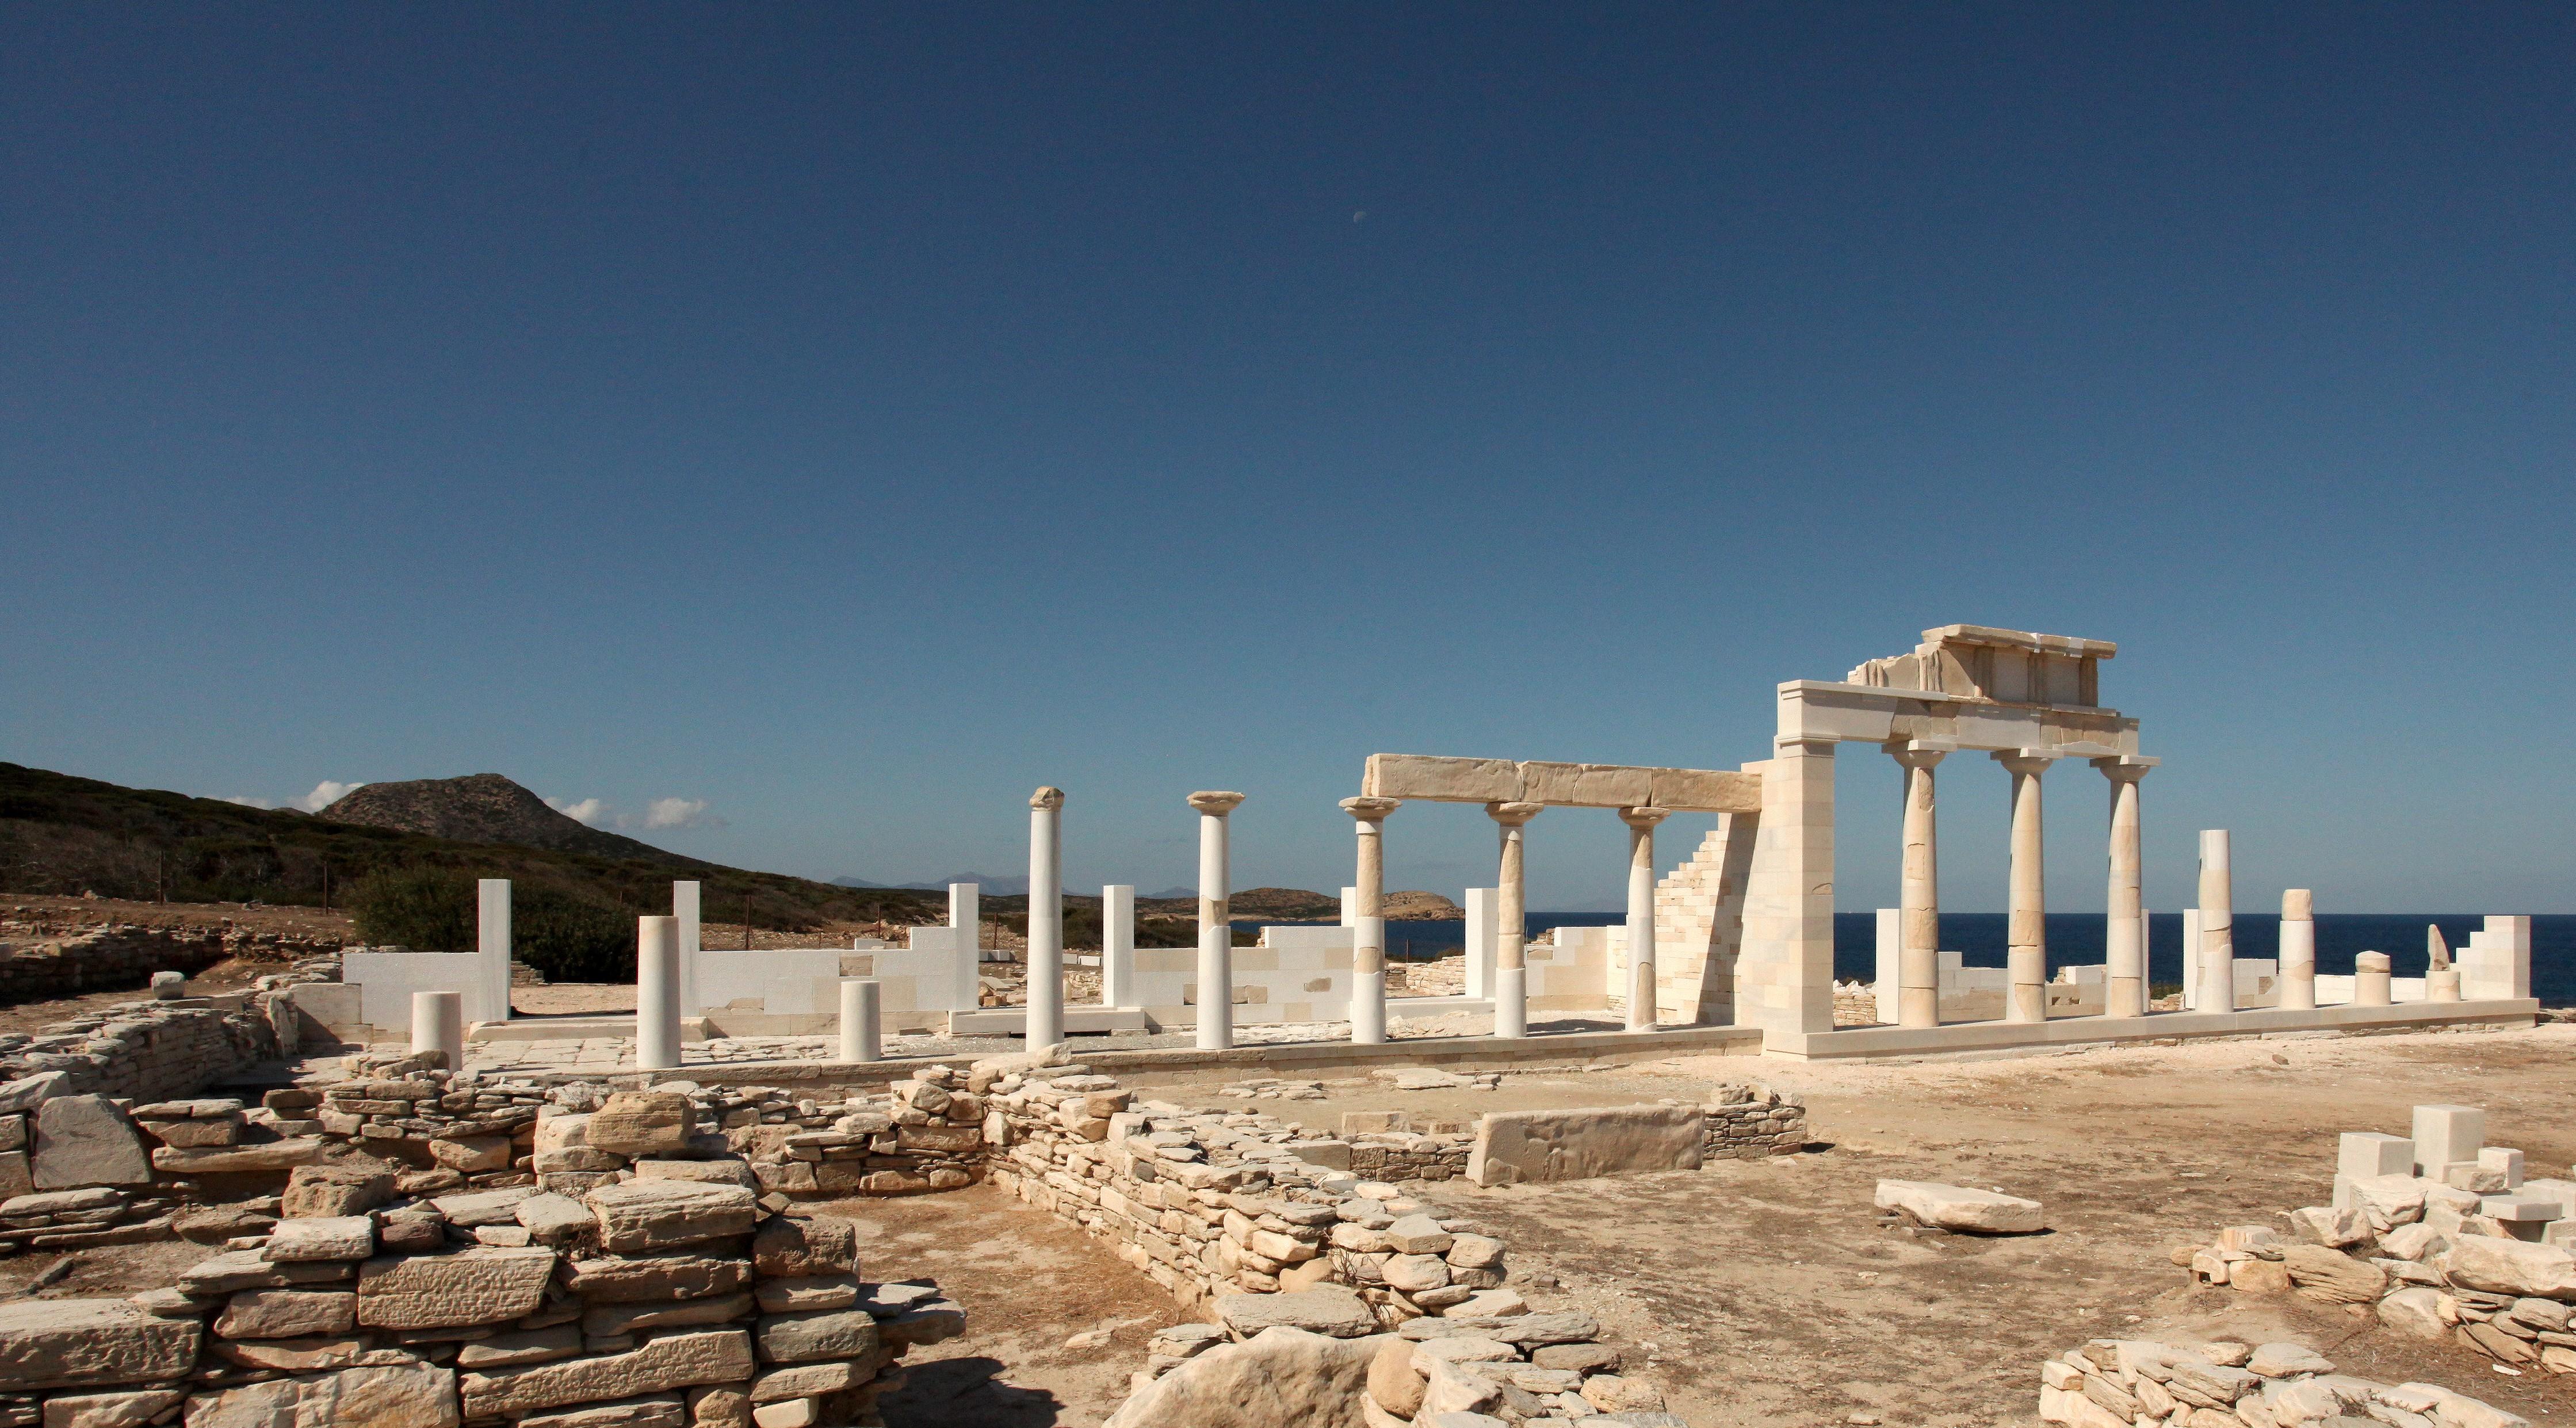 Εντυπωσιακές αναστηλώσεις στο ιερό του Απόλλωνα στο Δεσποτικό Αντιπάρου. Βρέθηκε εκτεταμένο σύστημα ύδρευσης (φωτο)